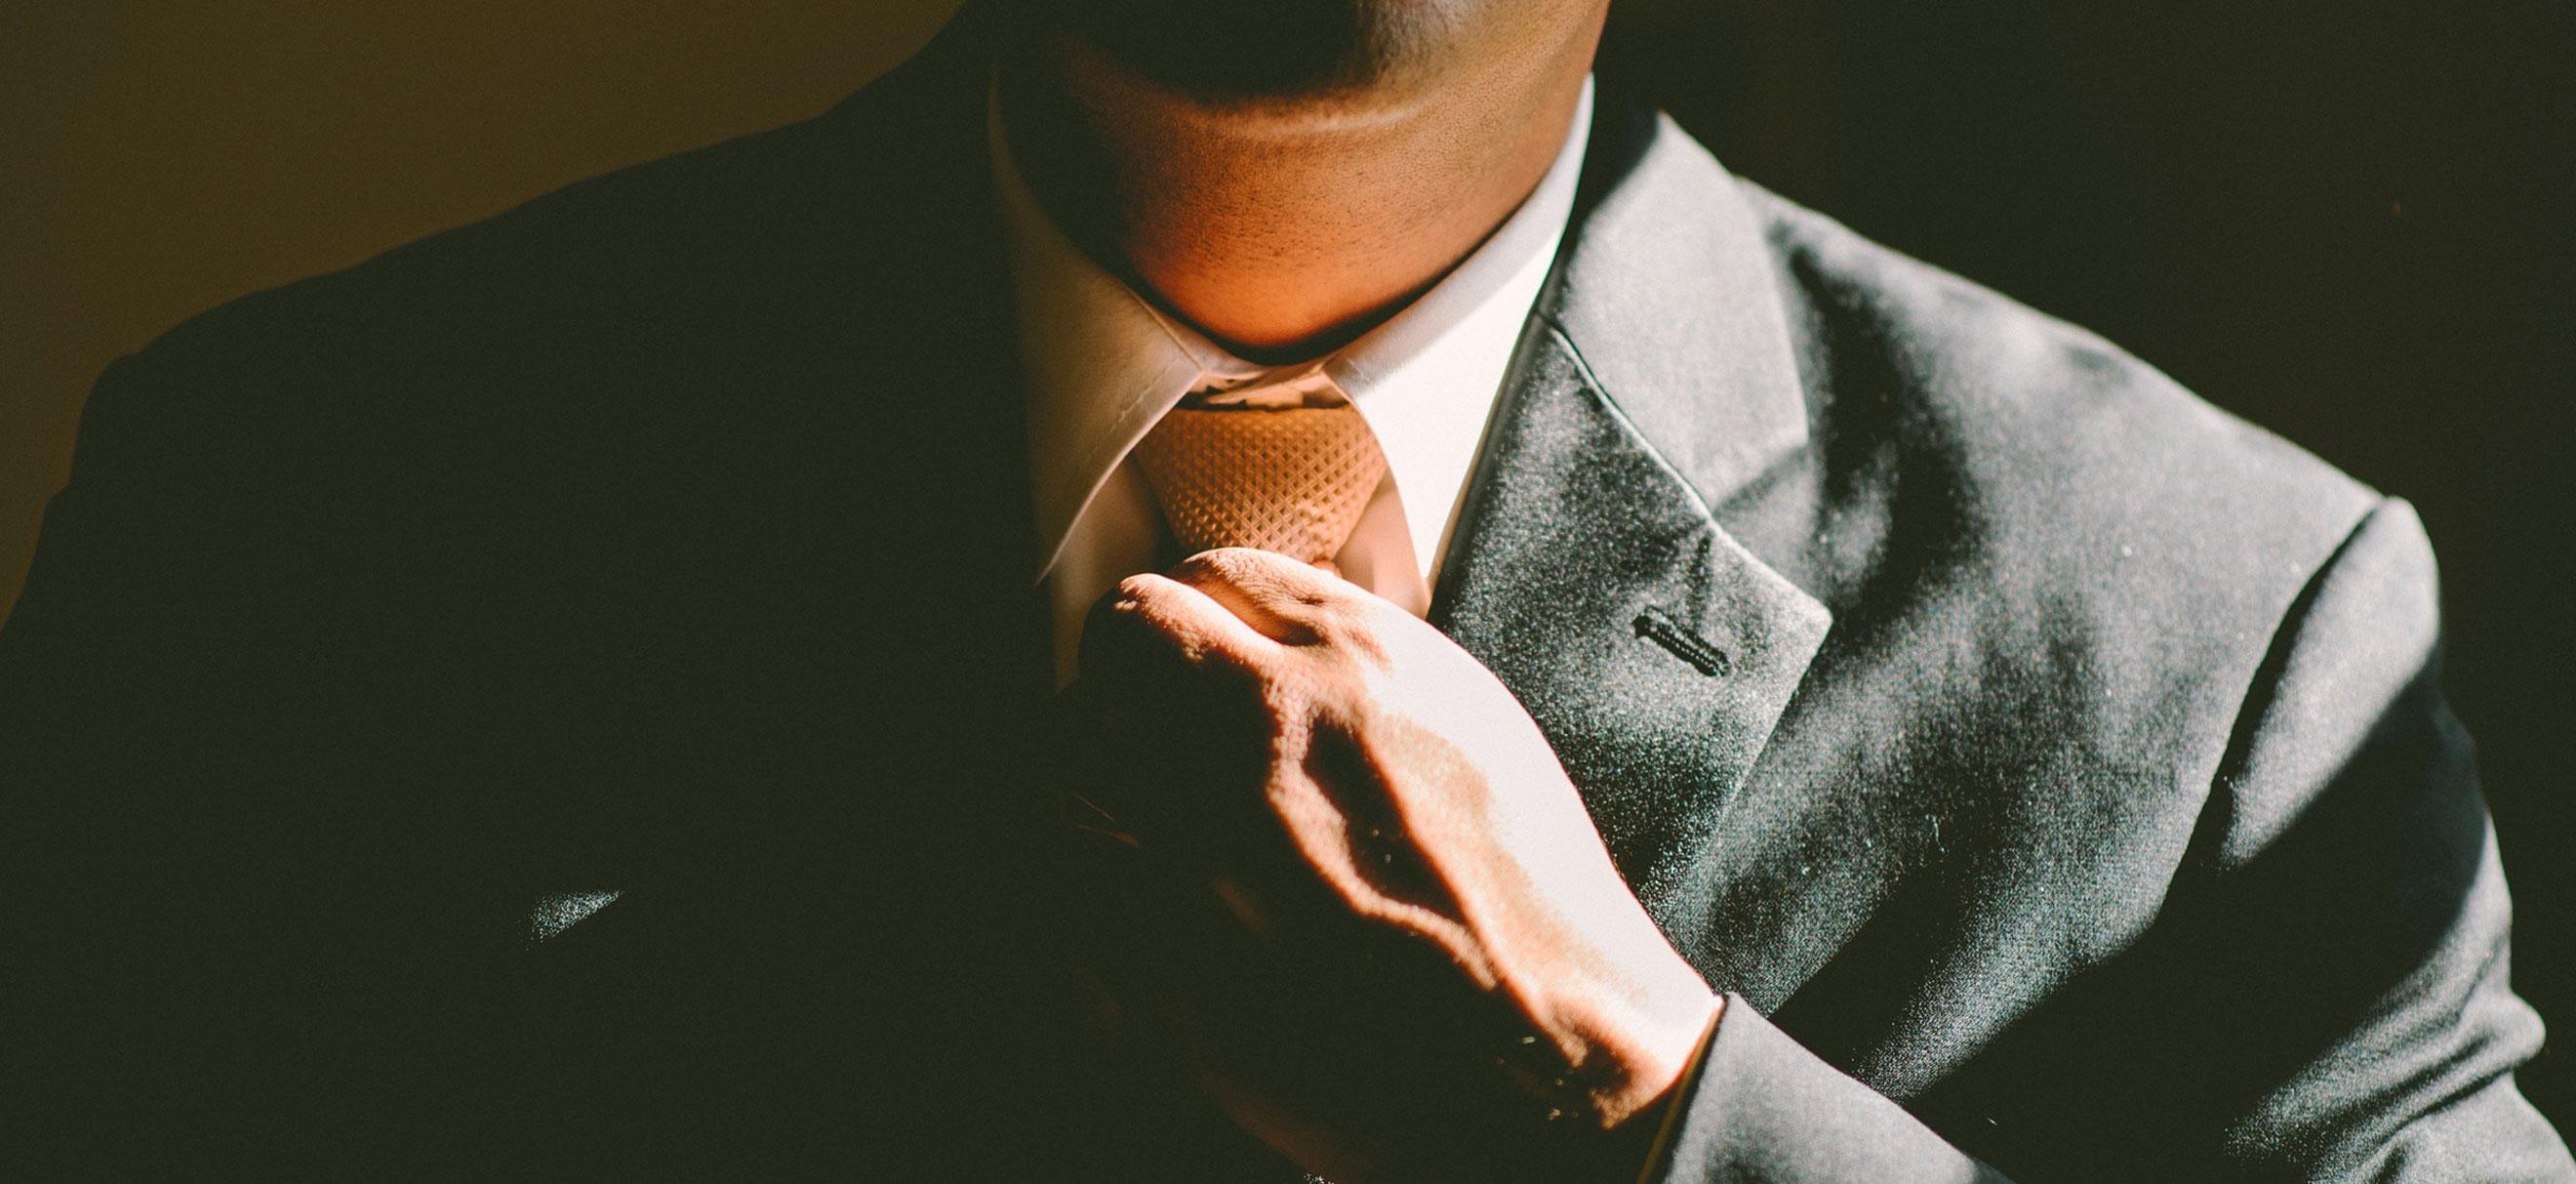 kleider machen leute - mode als statussymbol | trigema magazin